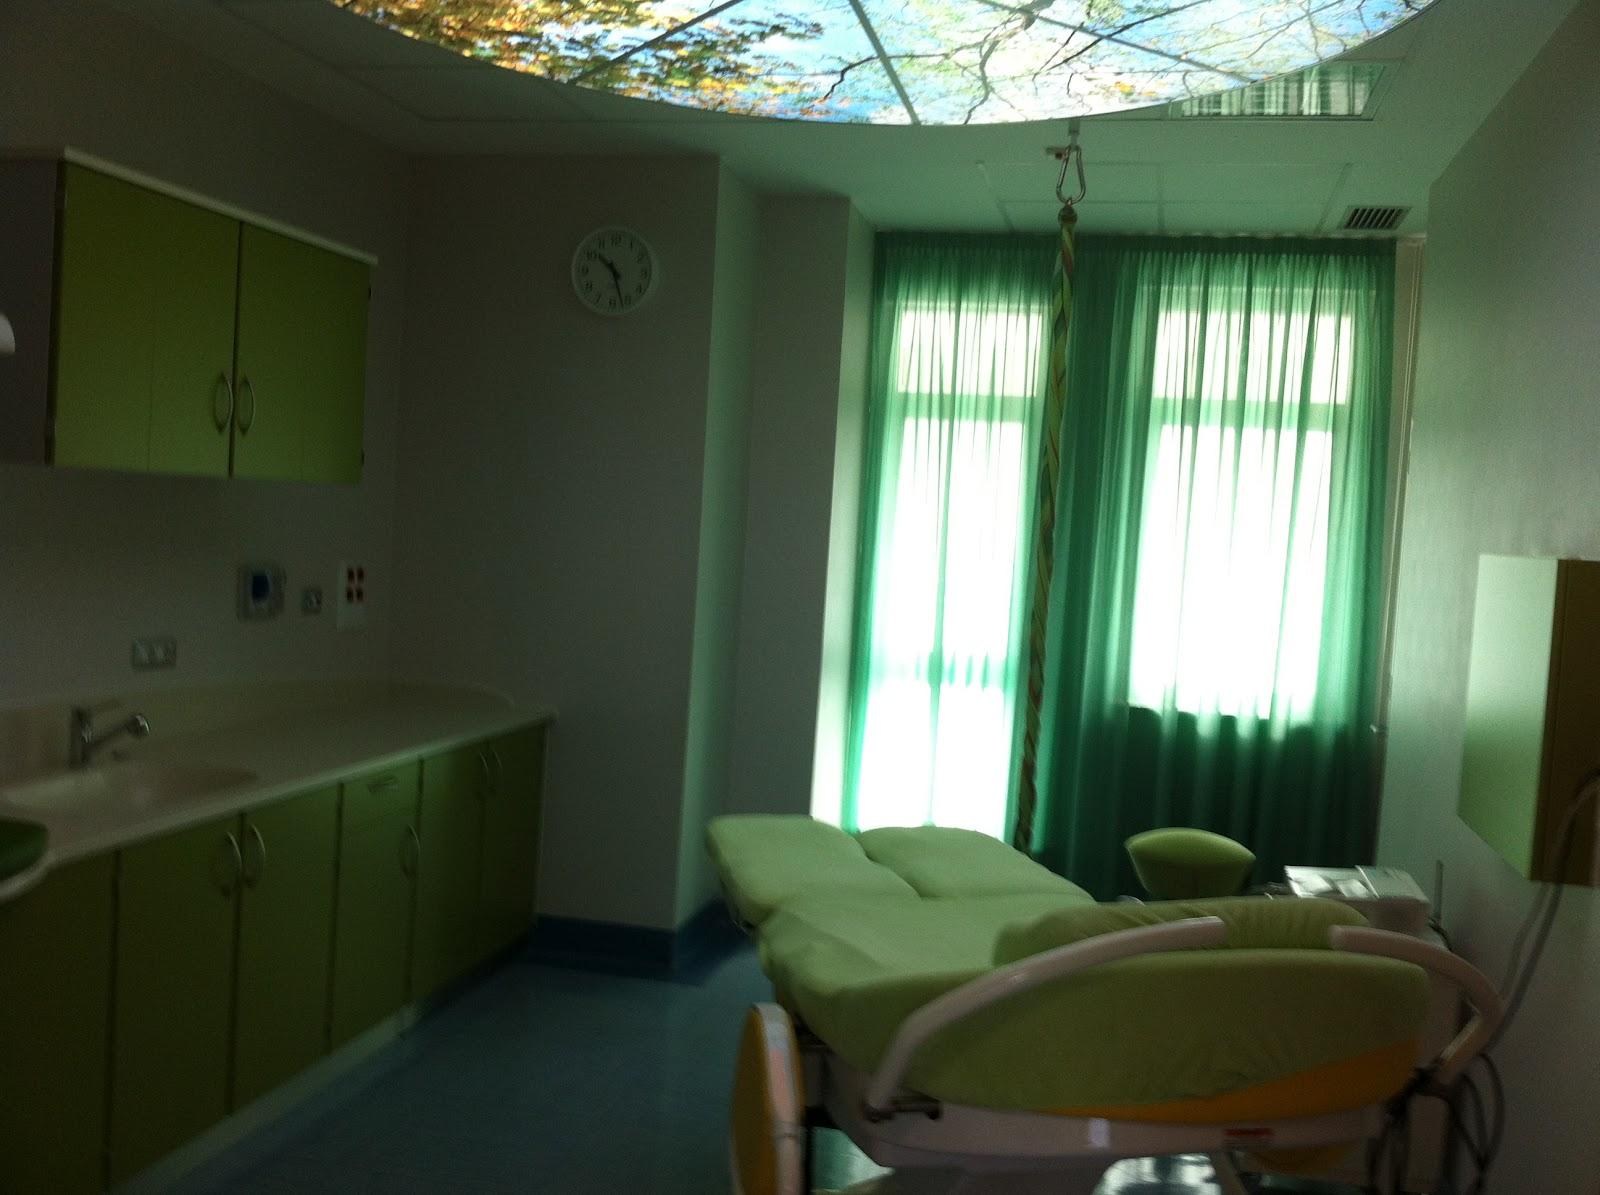 Carbonara Di Bari Storia pugliadoggi: sanità, inaugurata la nuova casa del parto al